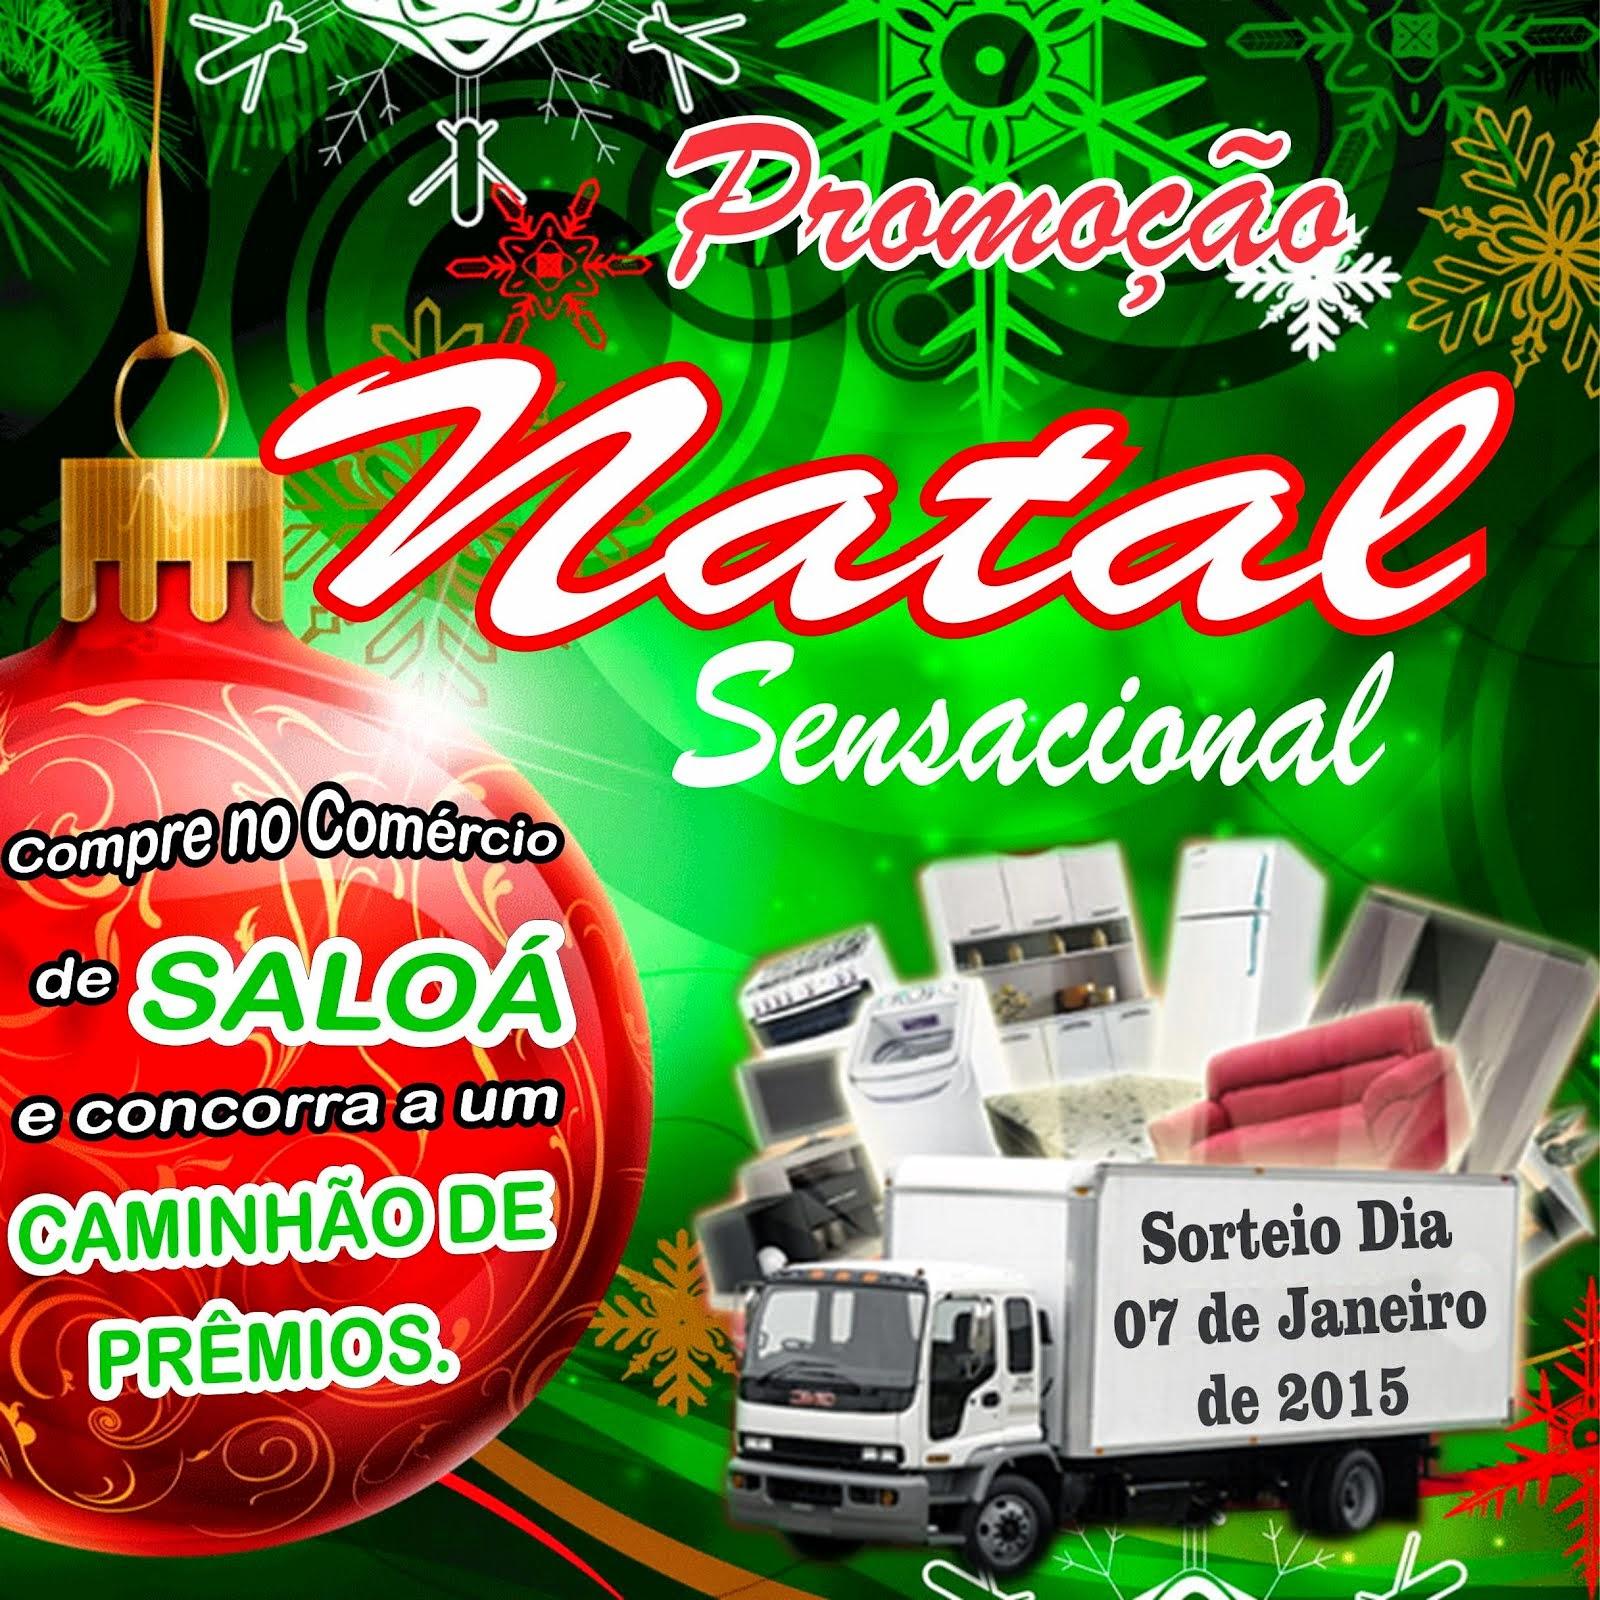 Slogan da promoção Natal Sensacional de Saloá.